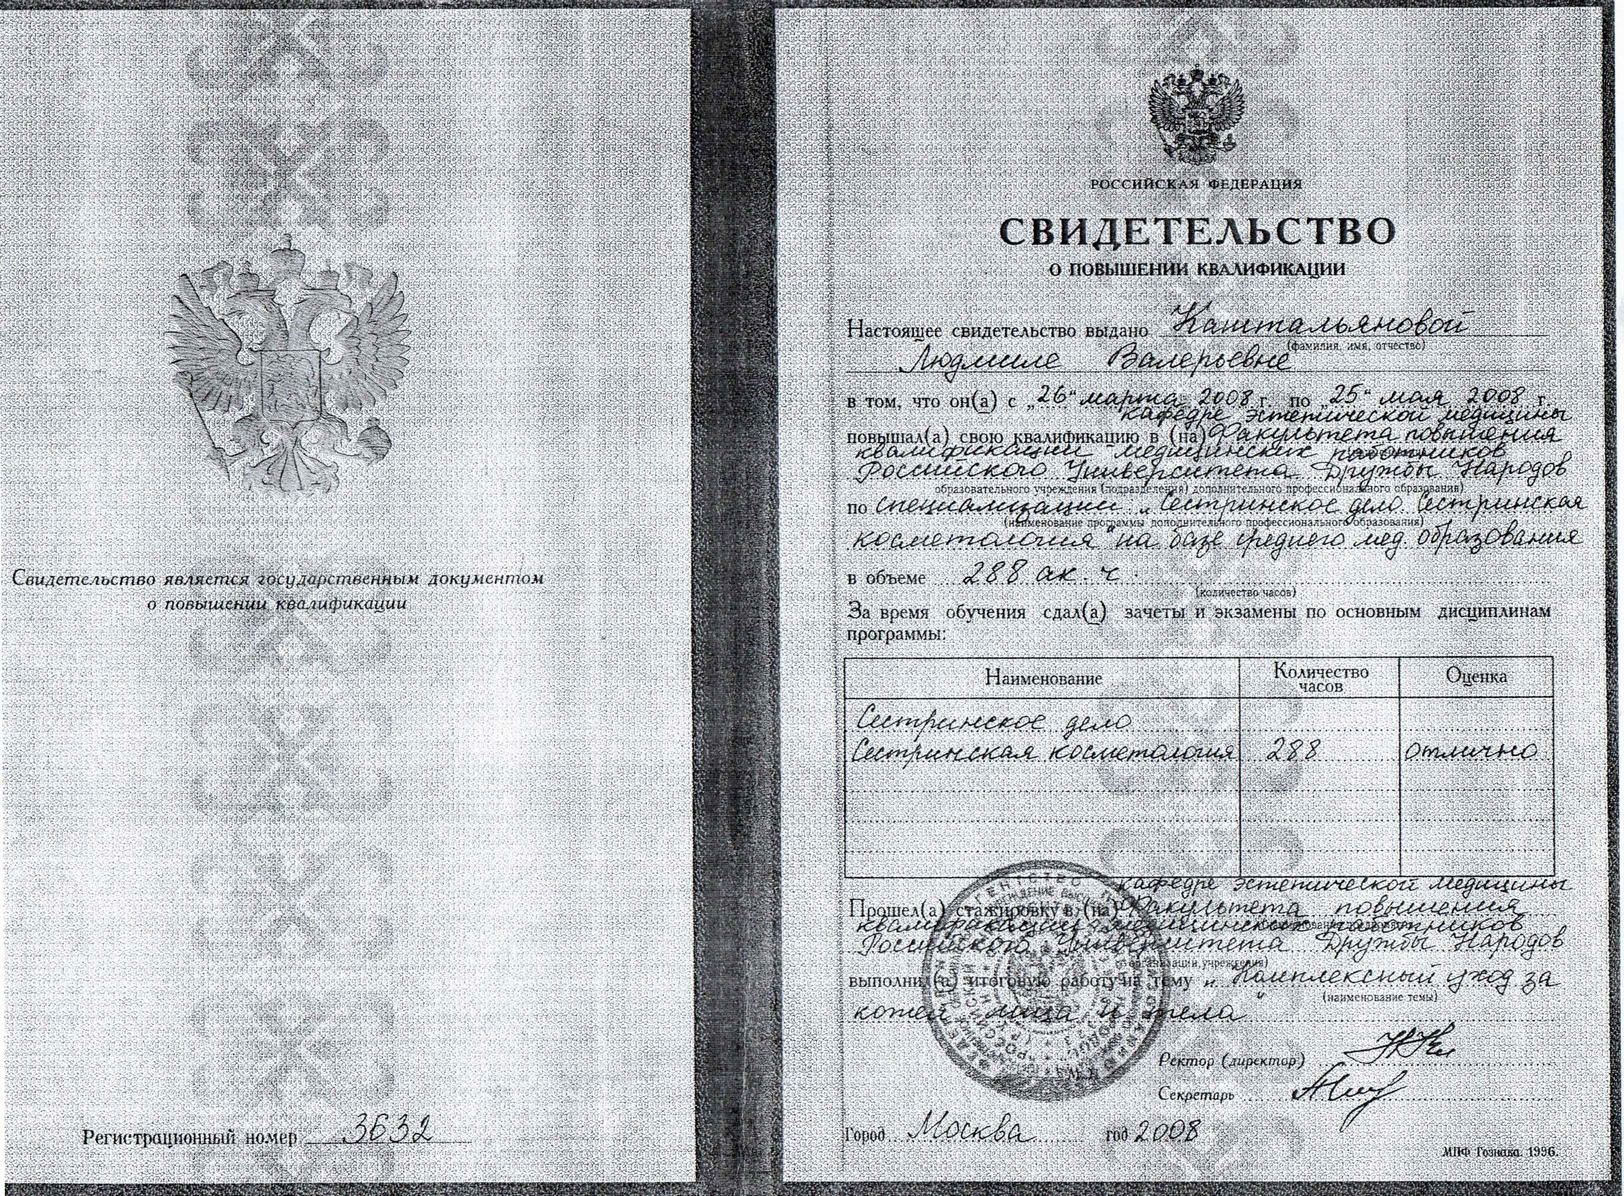 Ульянов-диплом-5_1.jpg